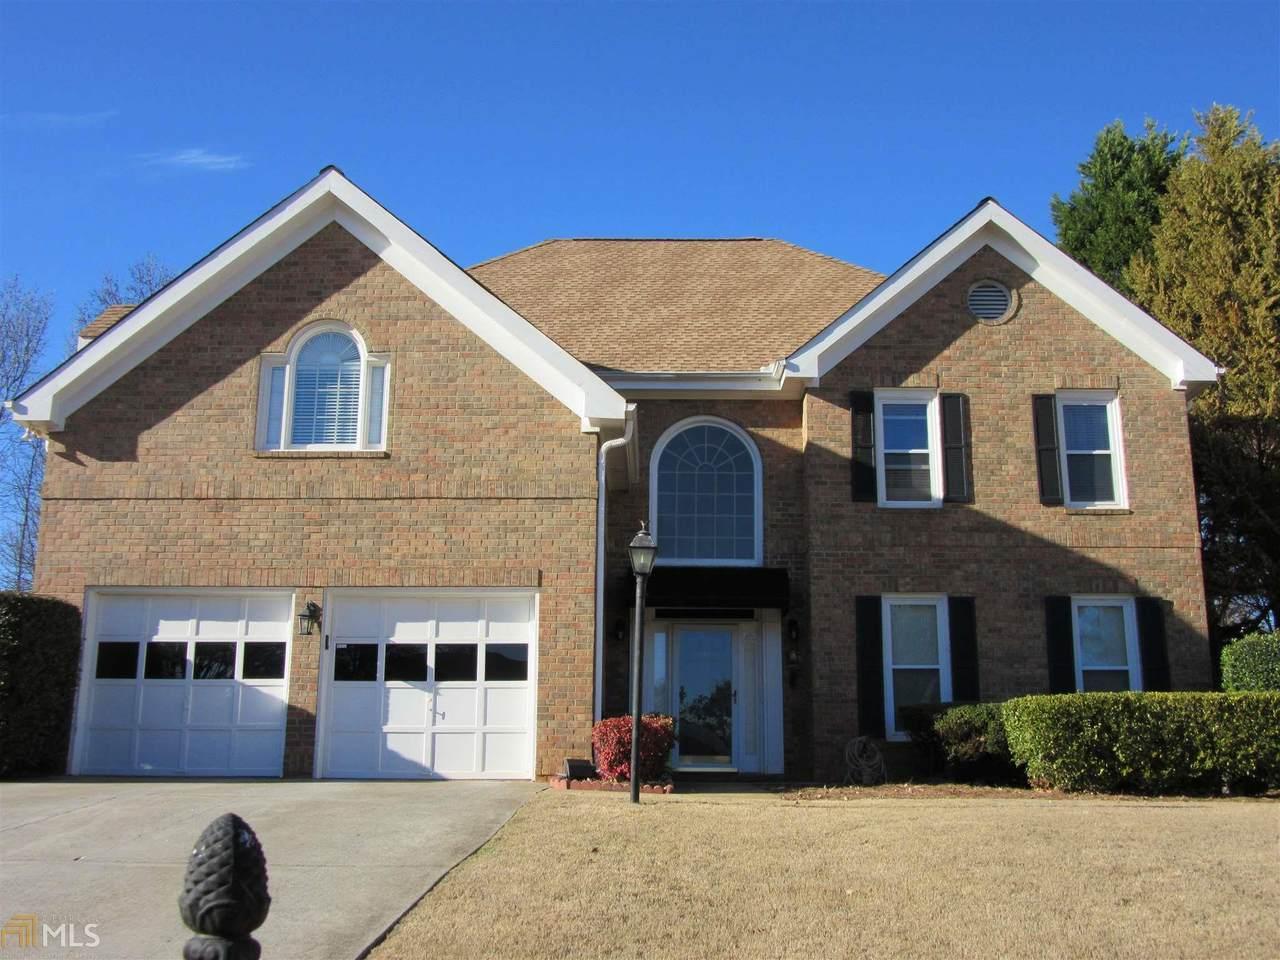 3195 Oak Hampton Way - Photo 1